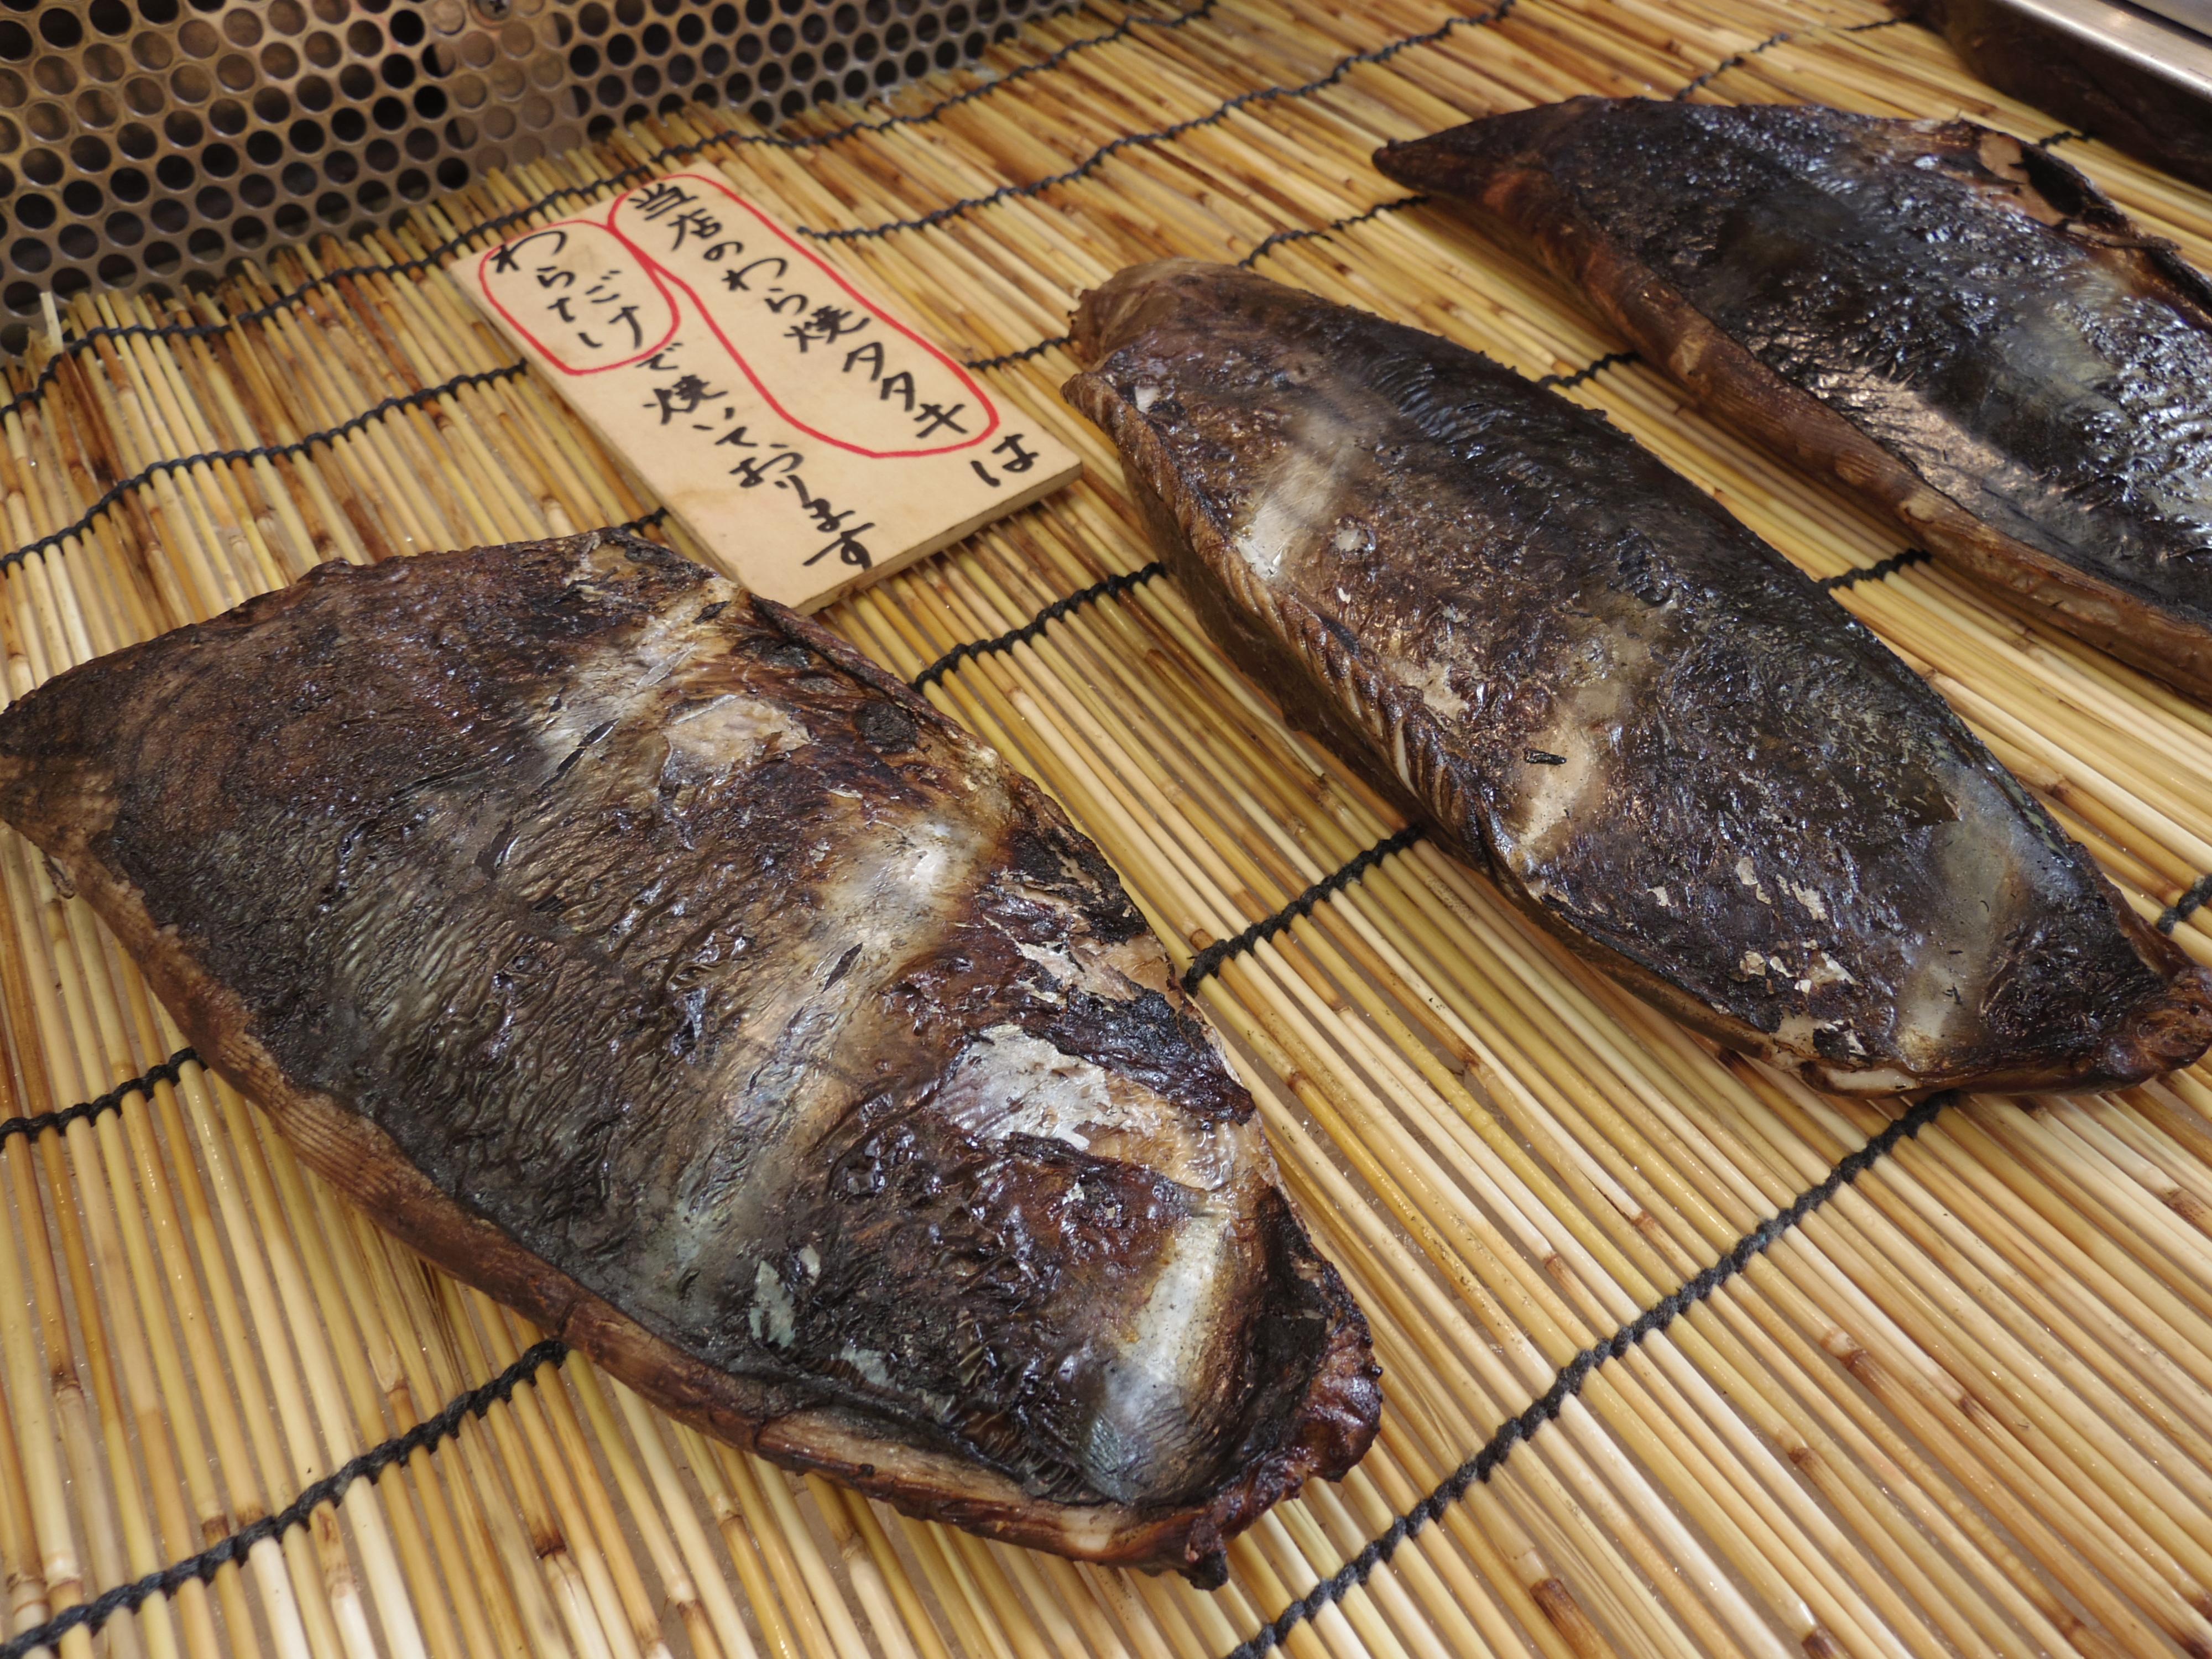 山本鮮魚店藁焼きタタキ 中土佐町久礼